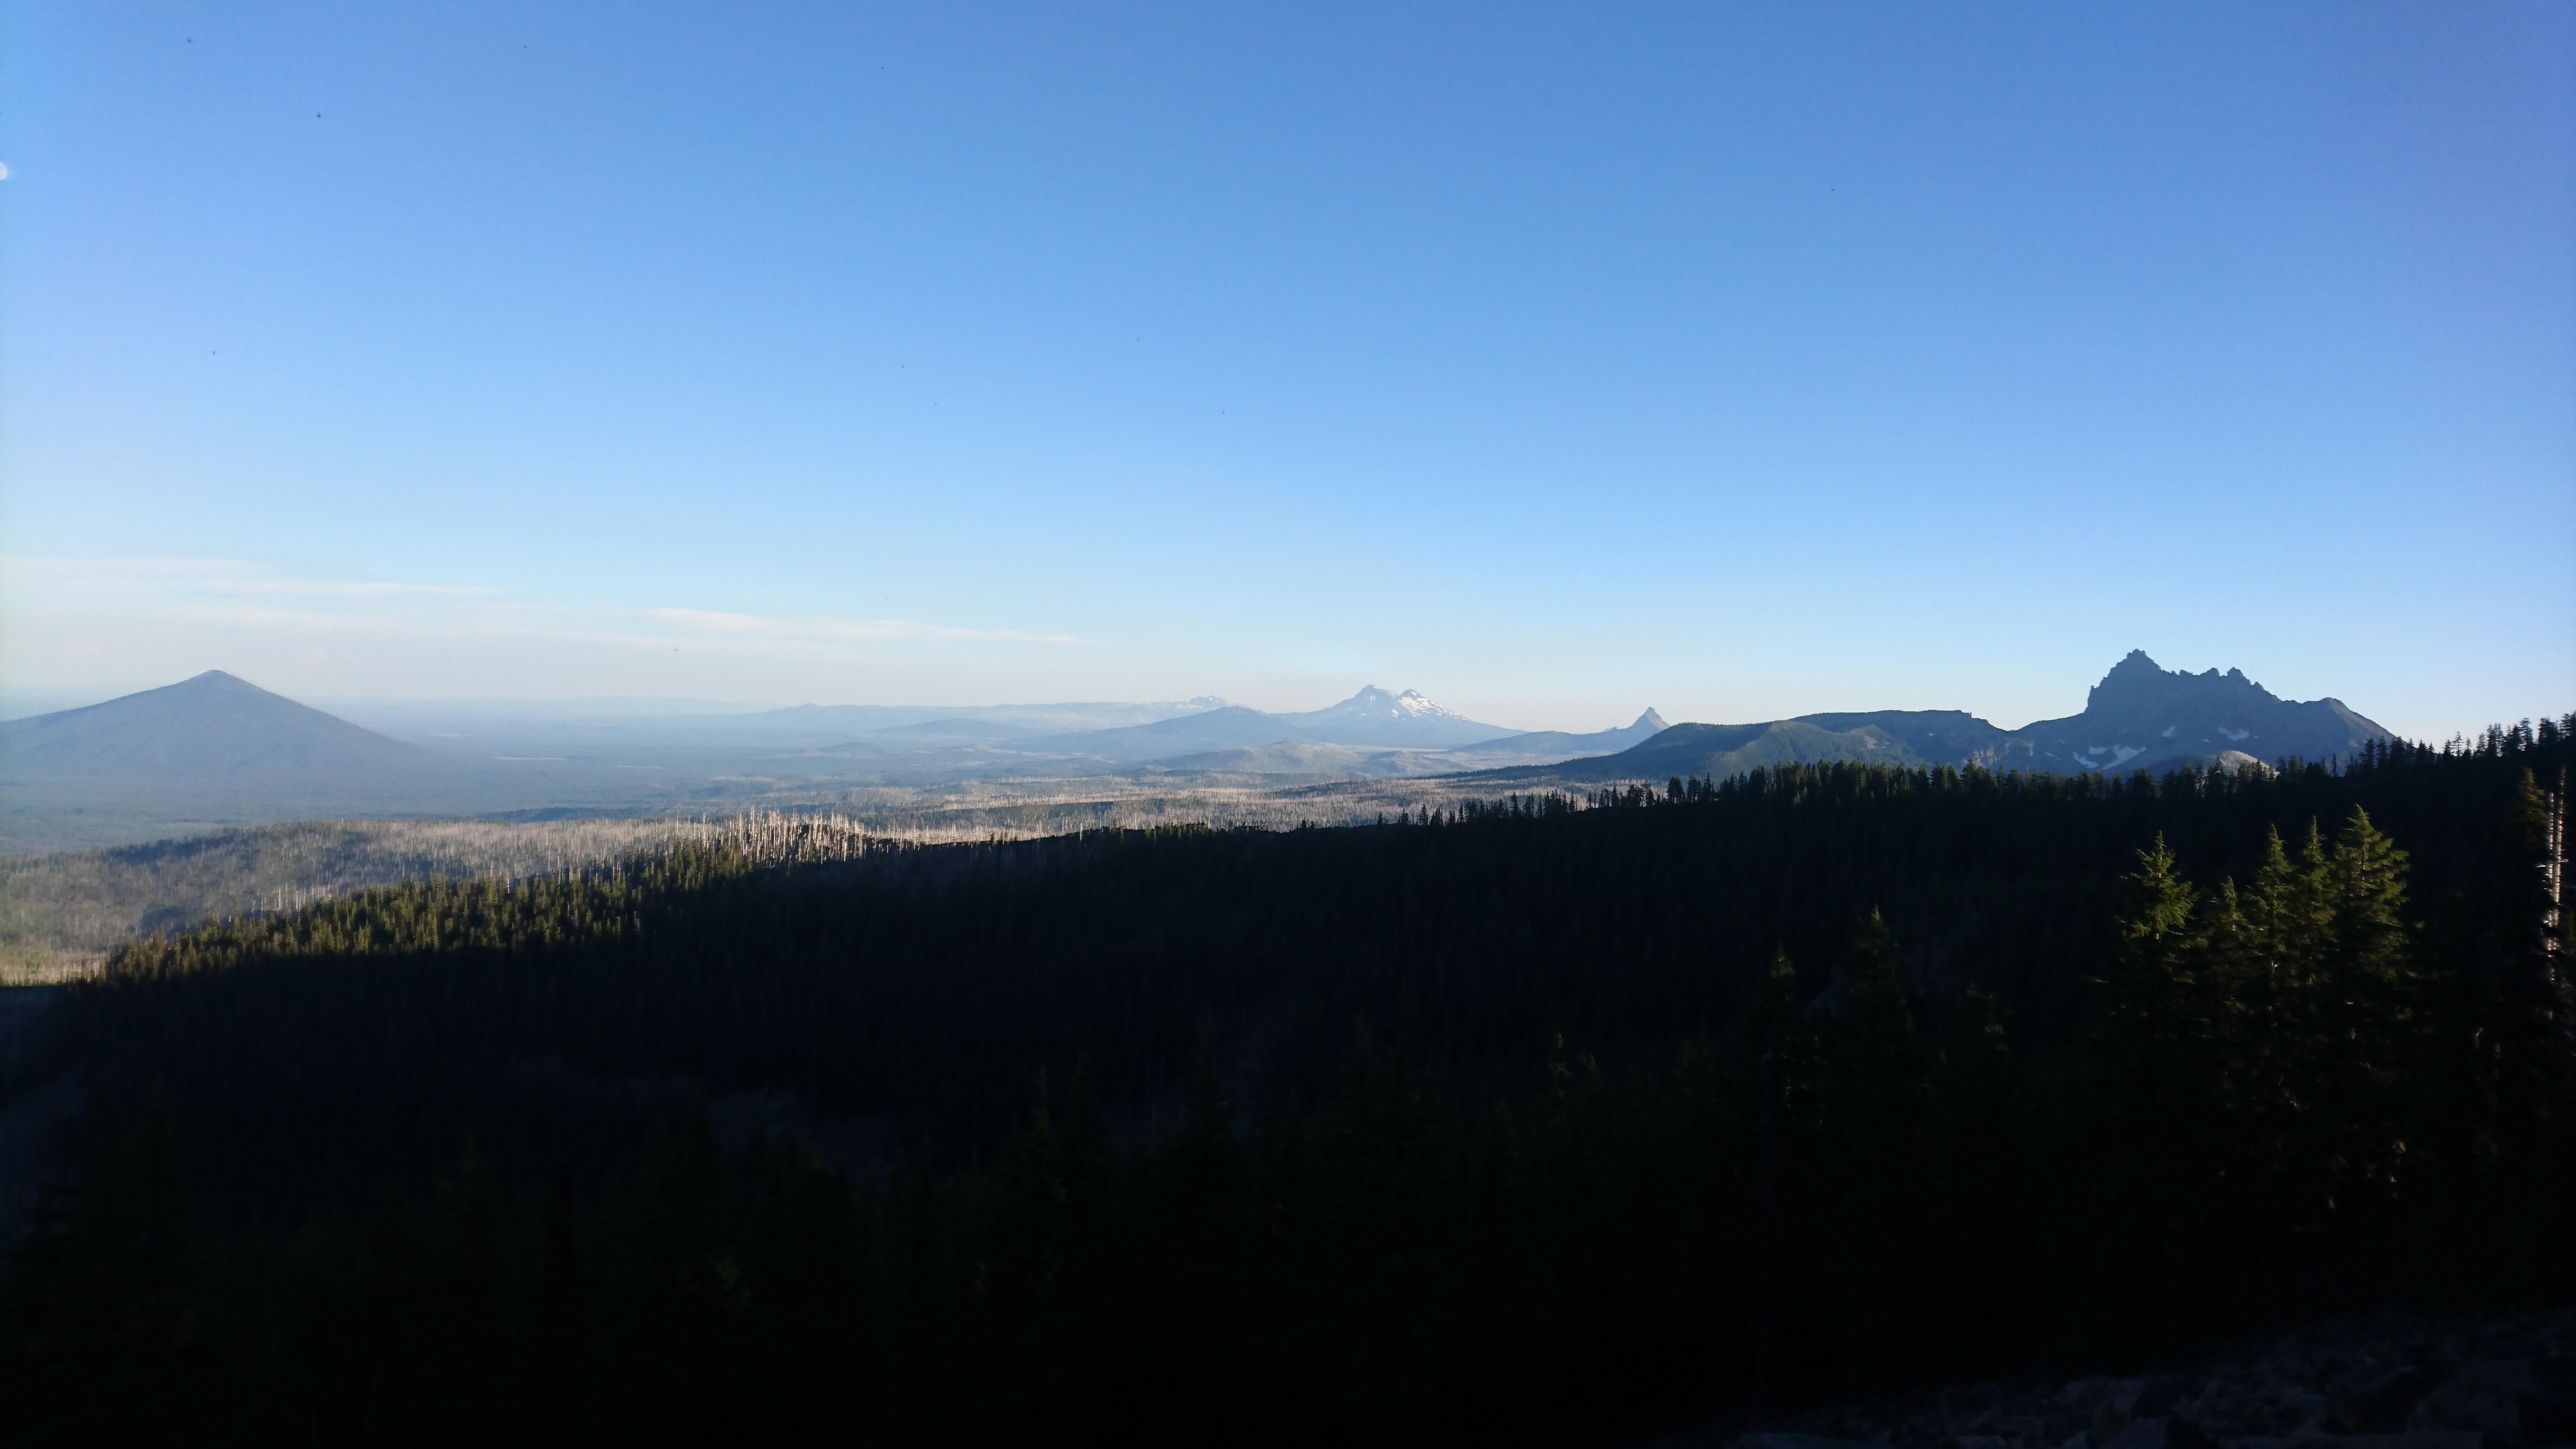 Dernière vue sur Three Sisters, le Mont Washington, et Three Fingered Jack